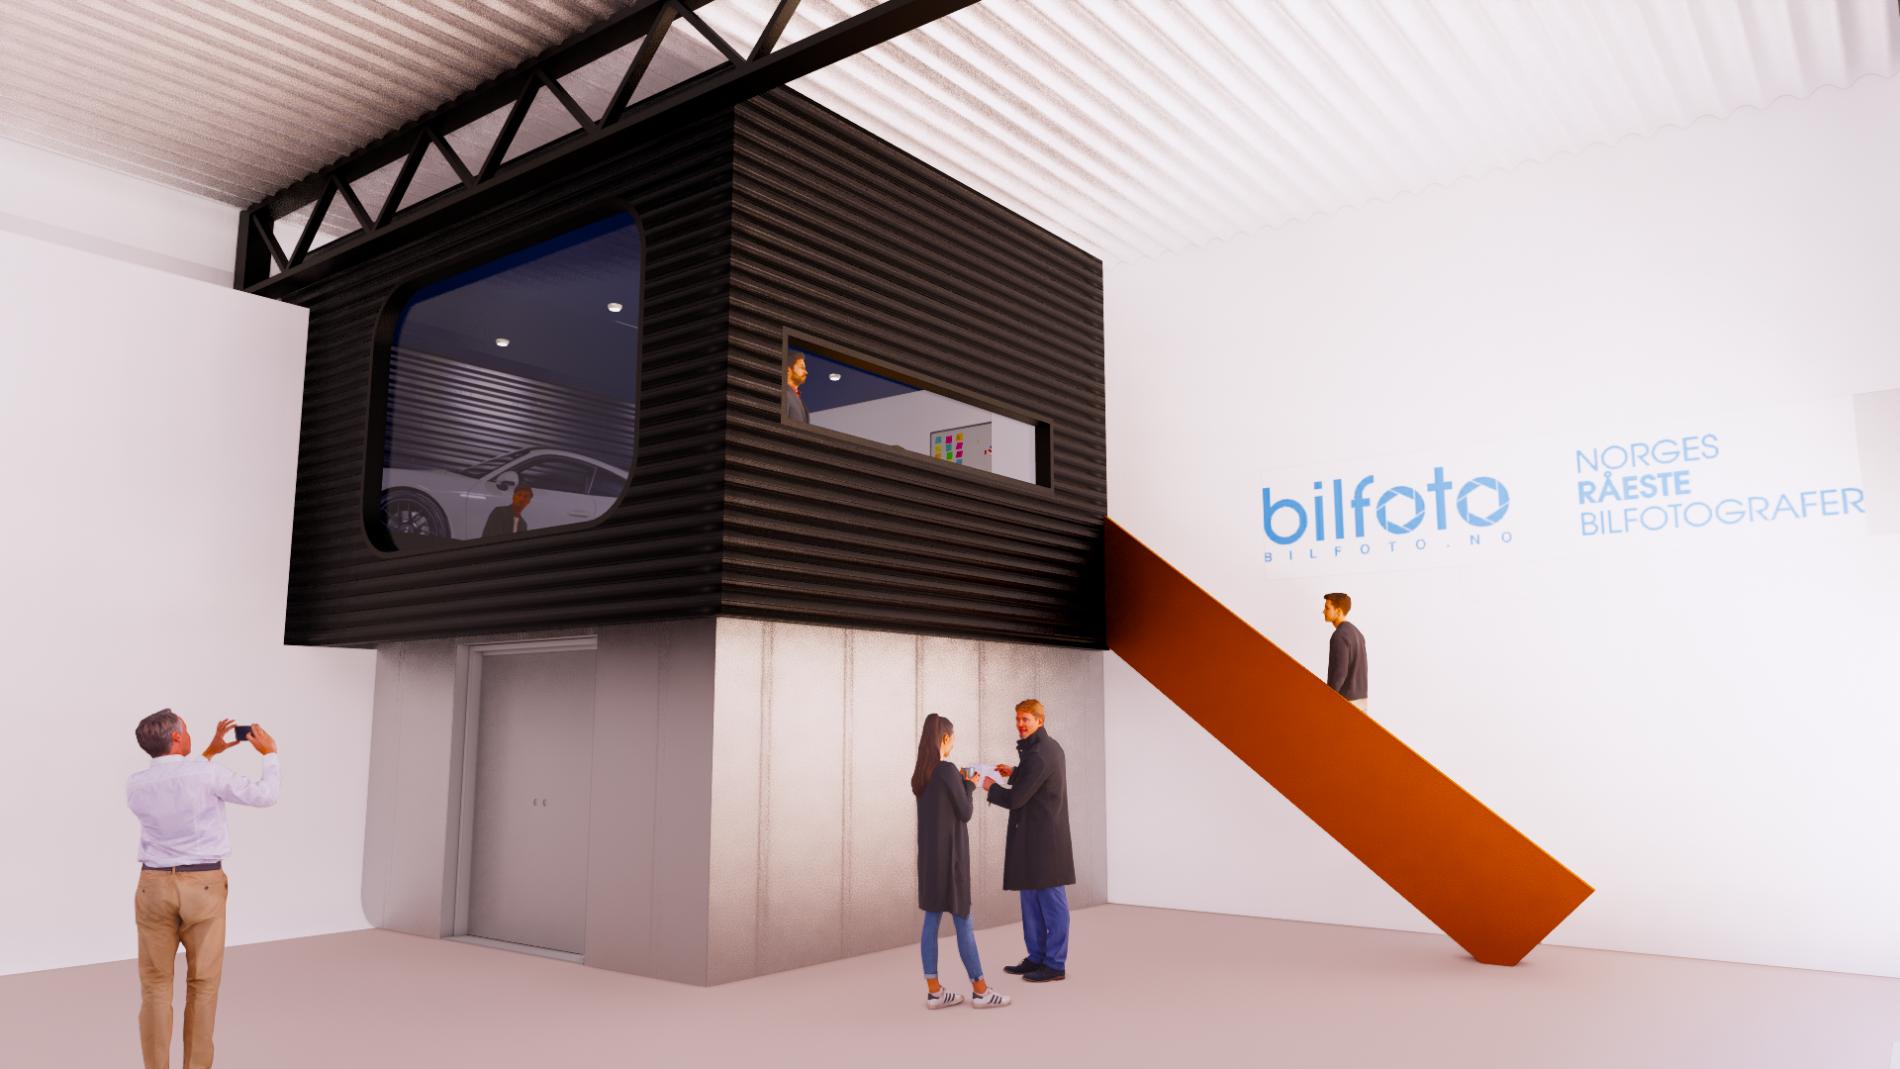 Innebygget kontor for Bilfoto i Stokke